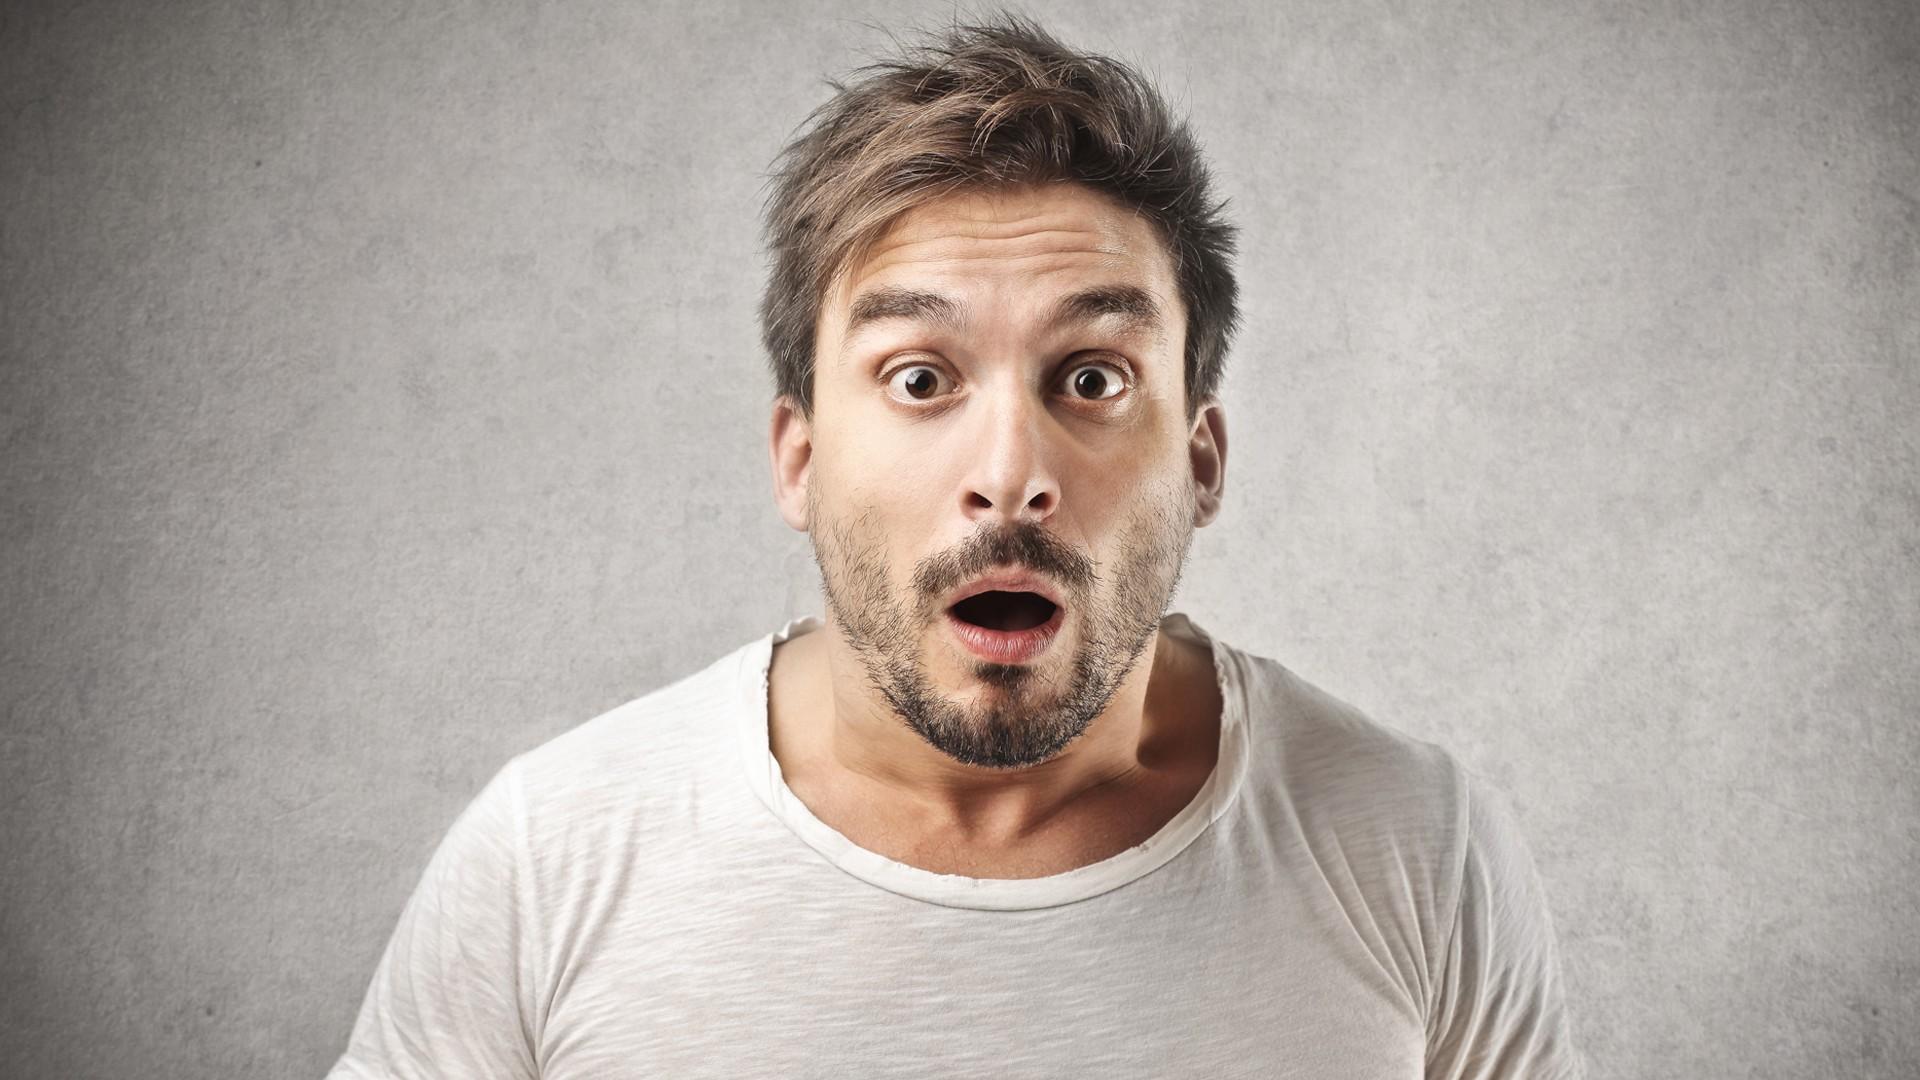 Ученые: Попадающие всостояние «ступора» люди имеют неменее развитый интеллект